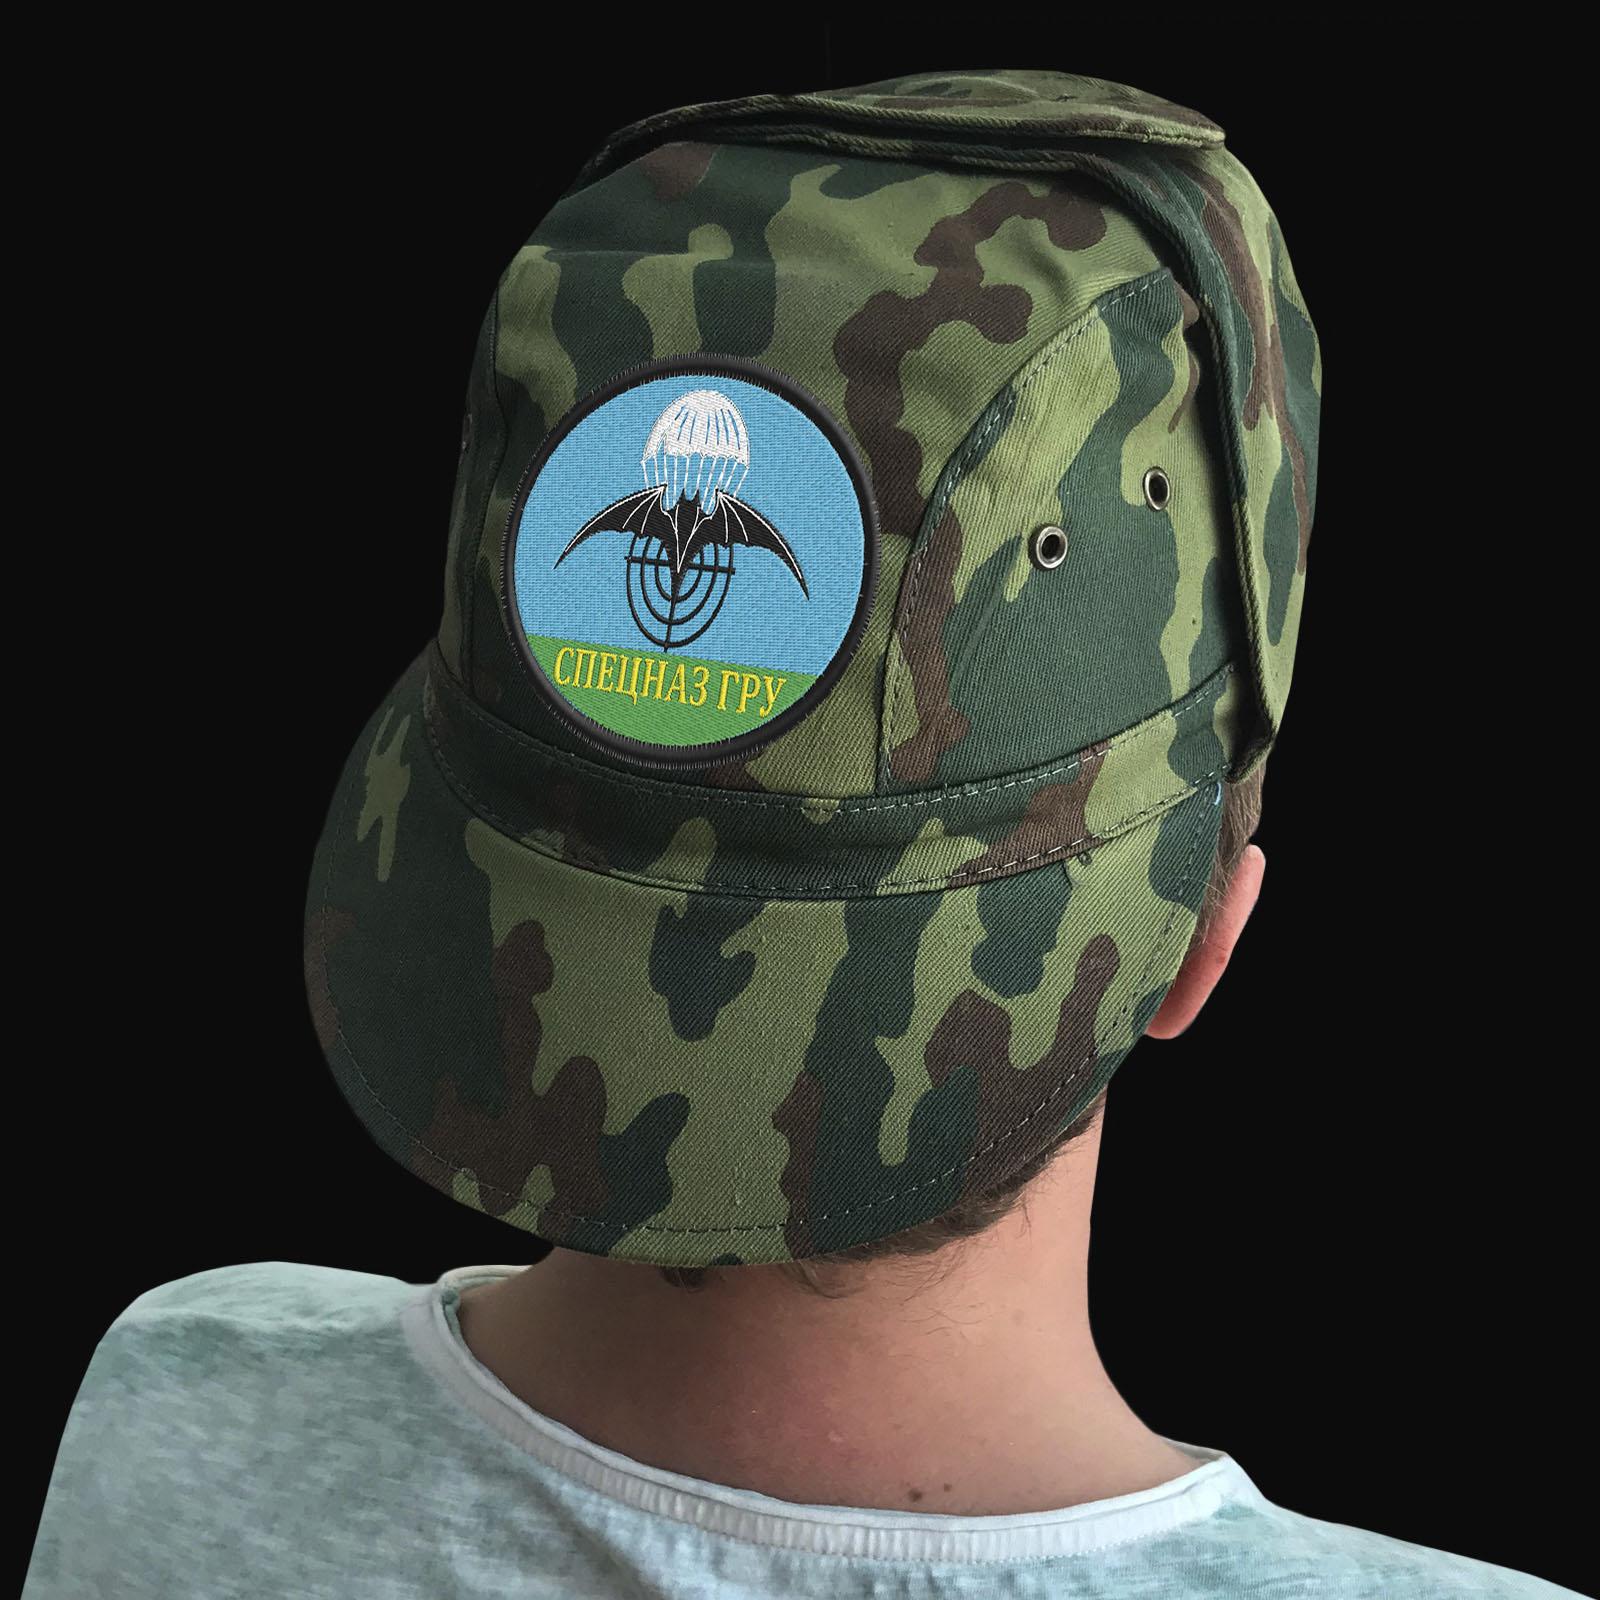 Продажа товаров в дизайне Спецназа ГРУ: форменная одежда, награды, снаряжение